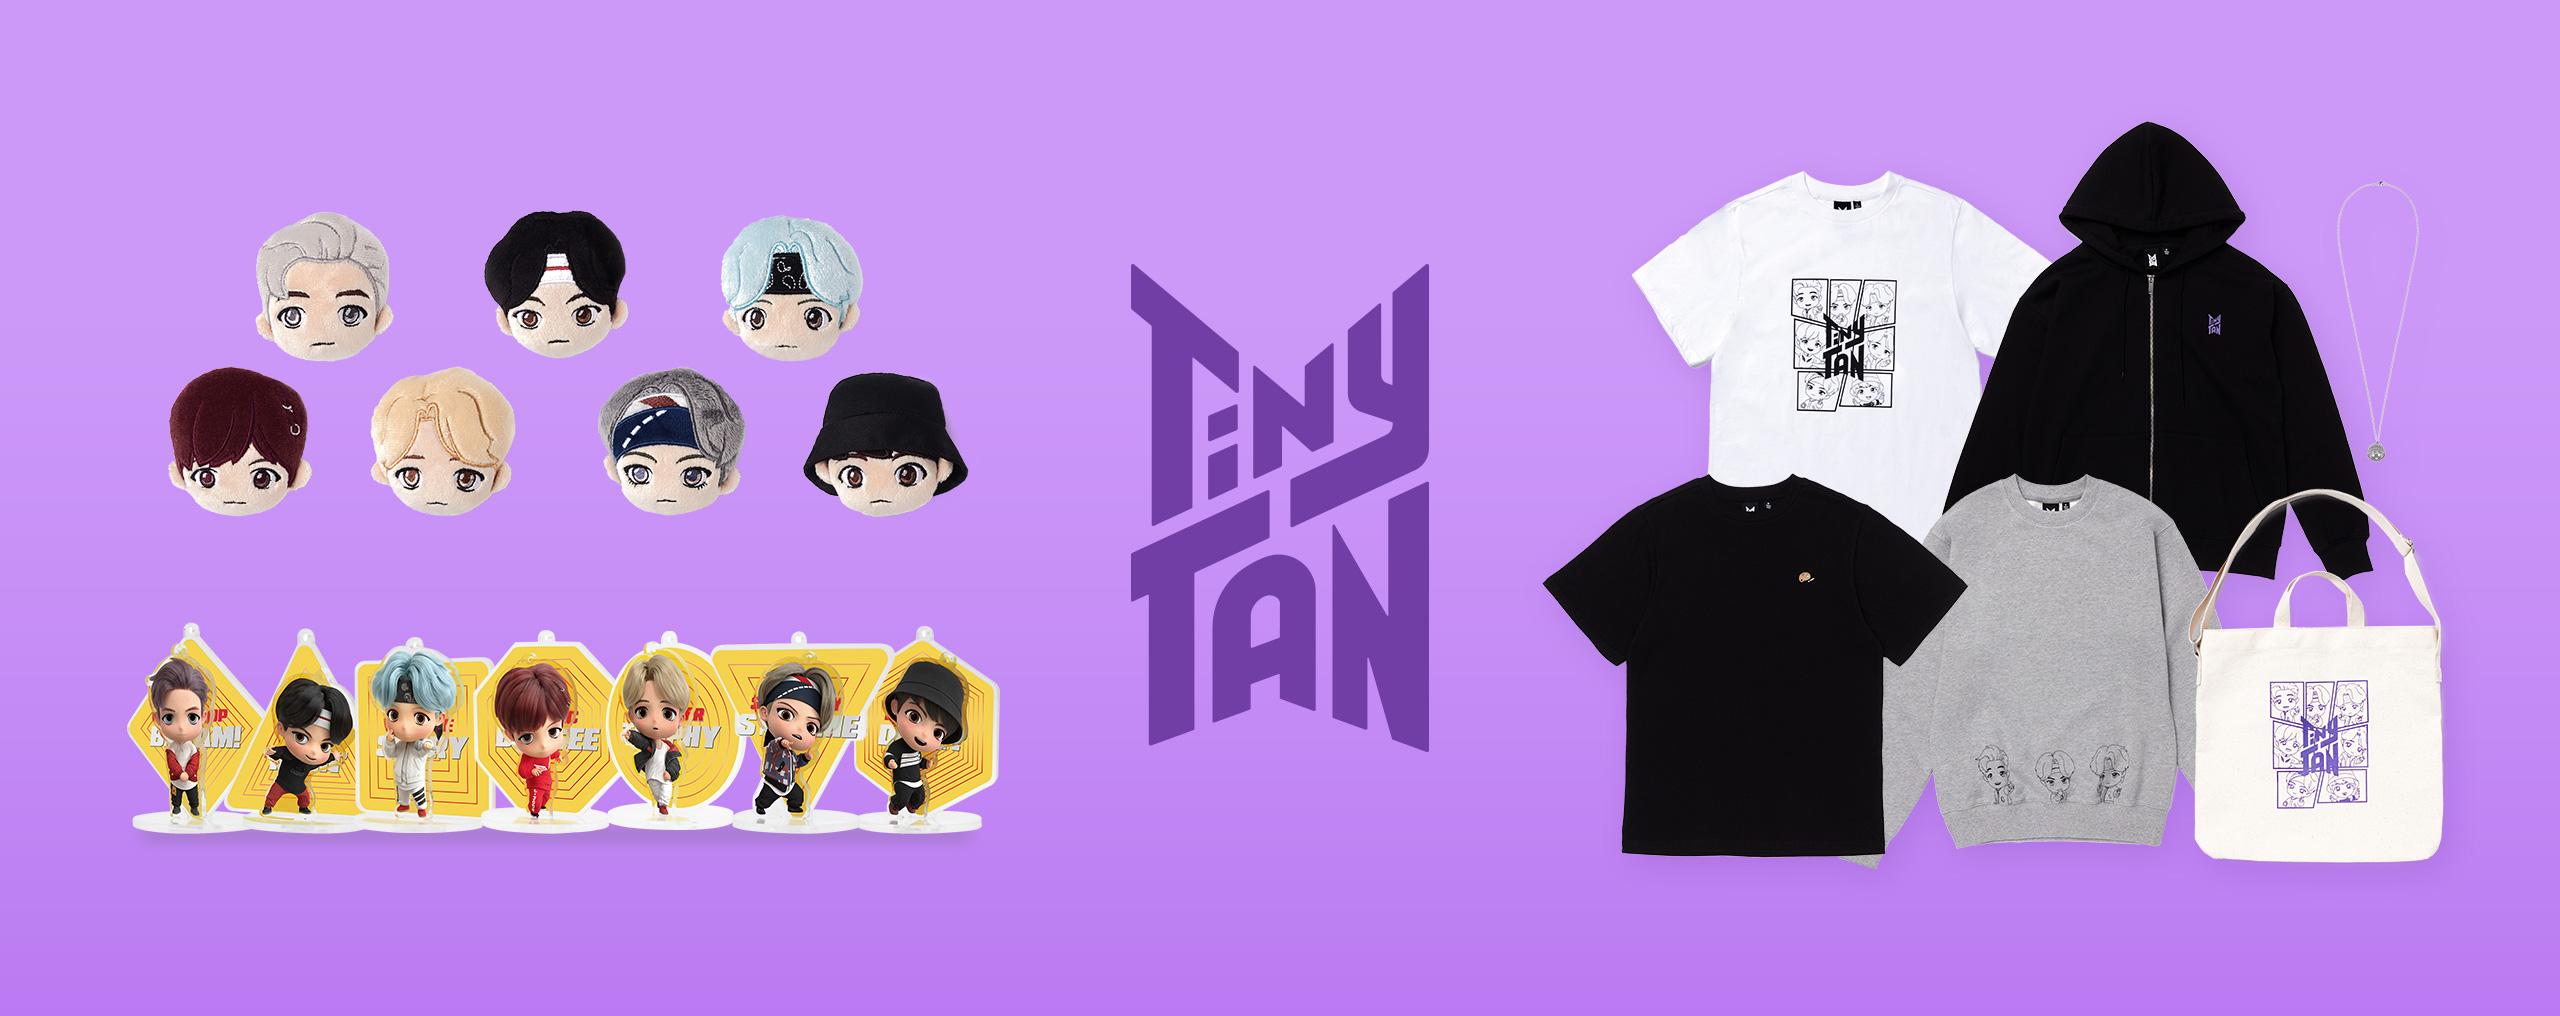 TinyTan_2